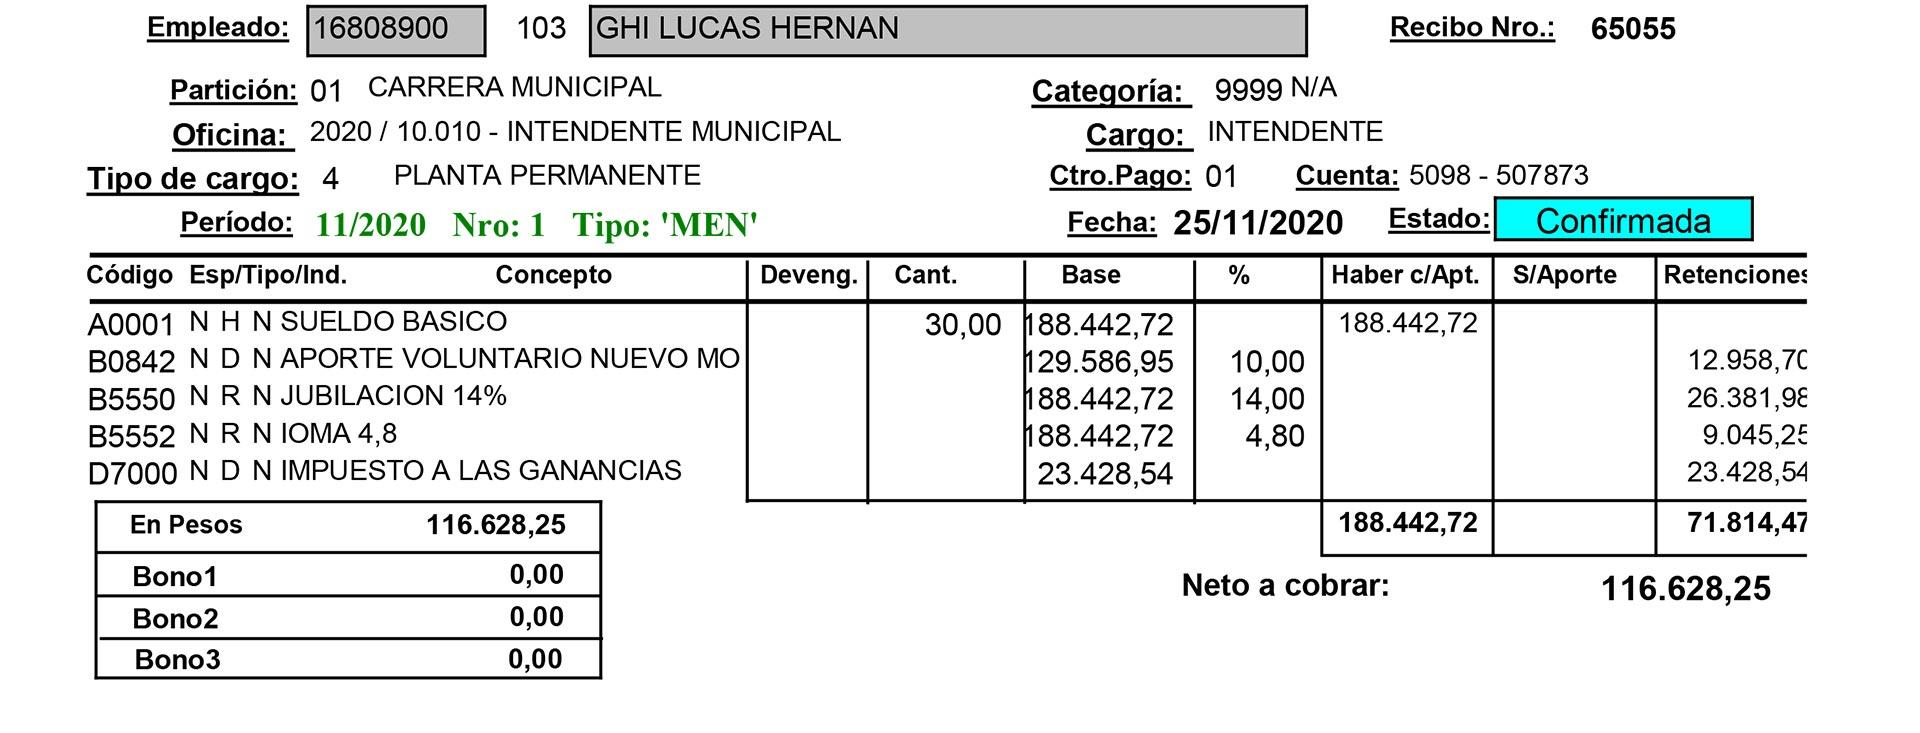 El único intendente del conutbano que publica su recibo online es Lucas Ghi, de Morón (Frente de Todos).